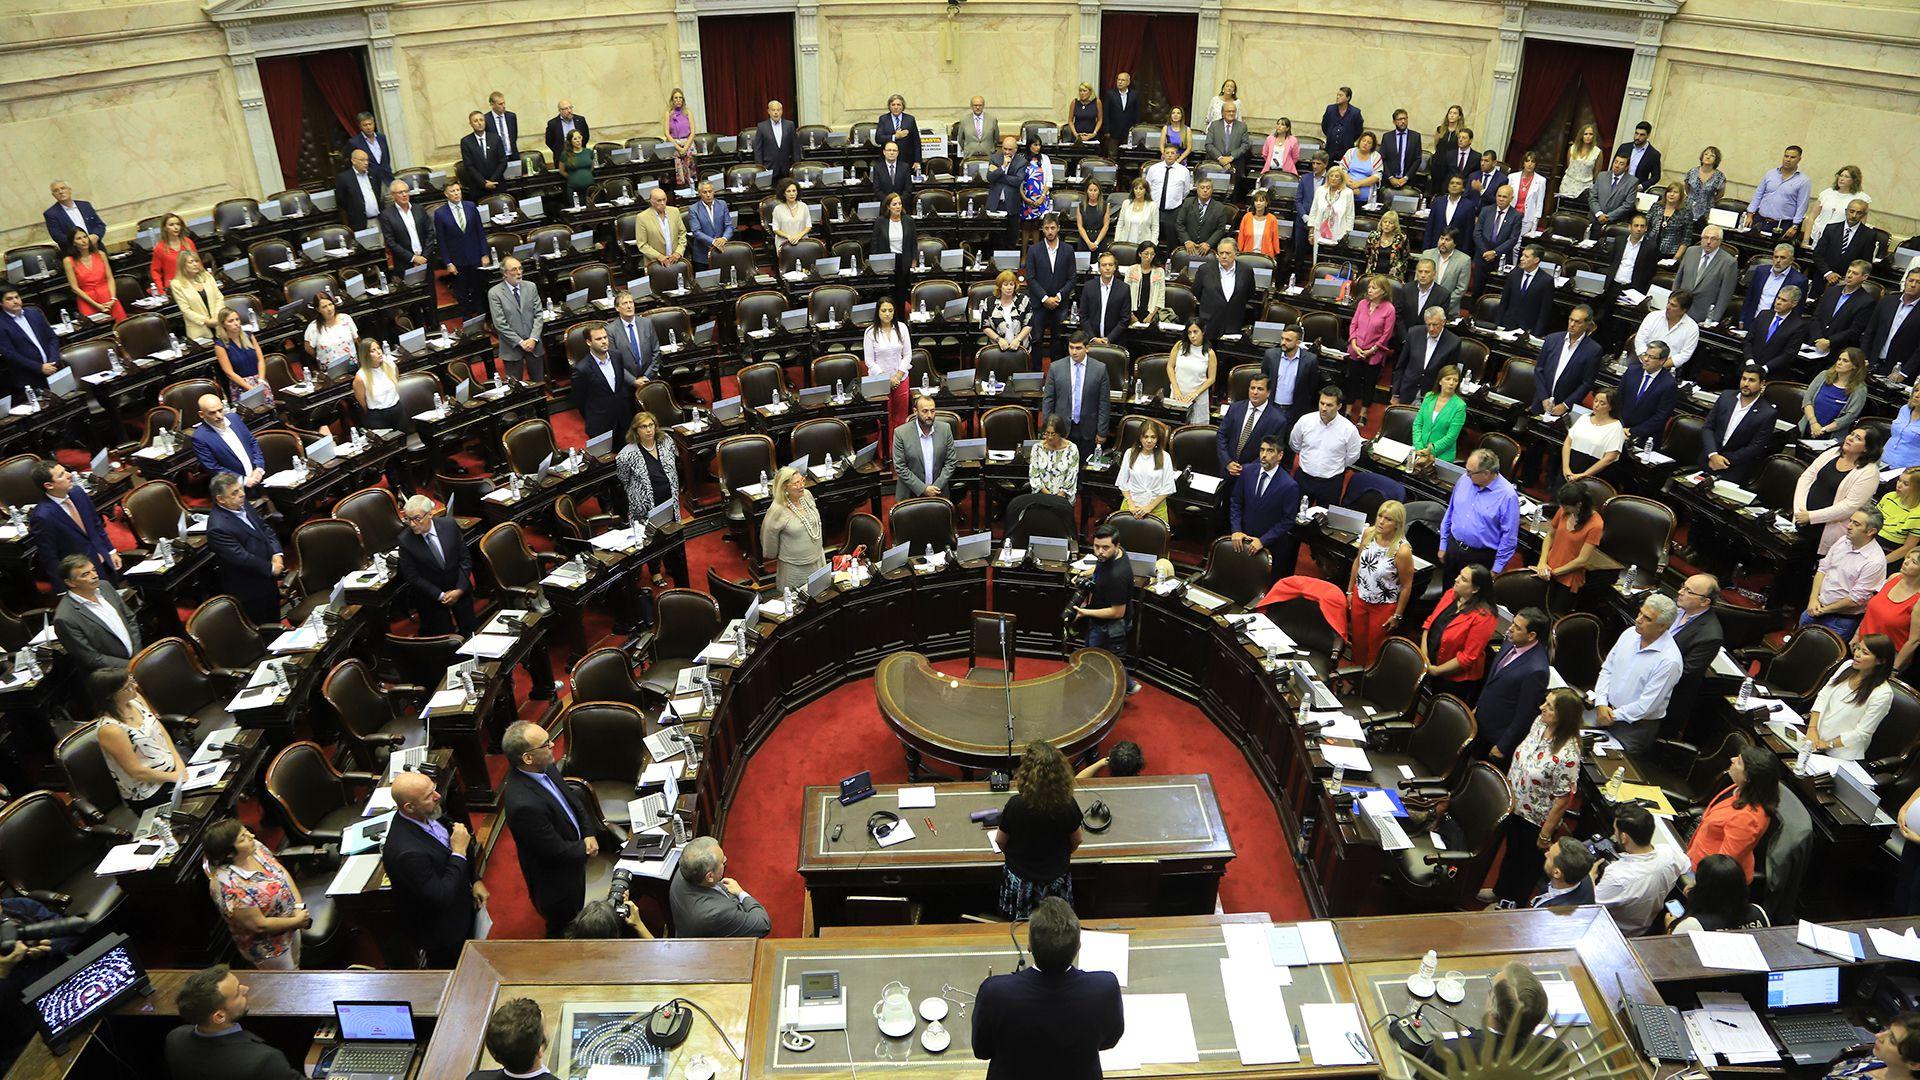 La Cámara de Diputados podrá sesionar en forma remota durante la pandemia (Foto: HUGO VILLALOBOS)